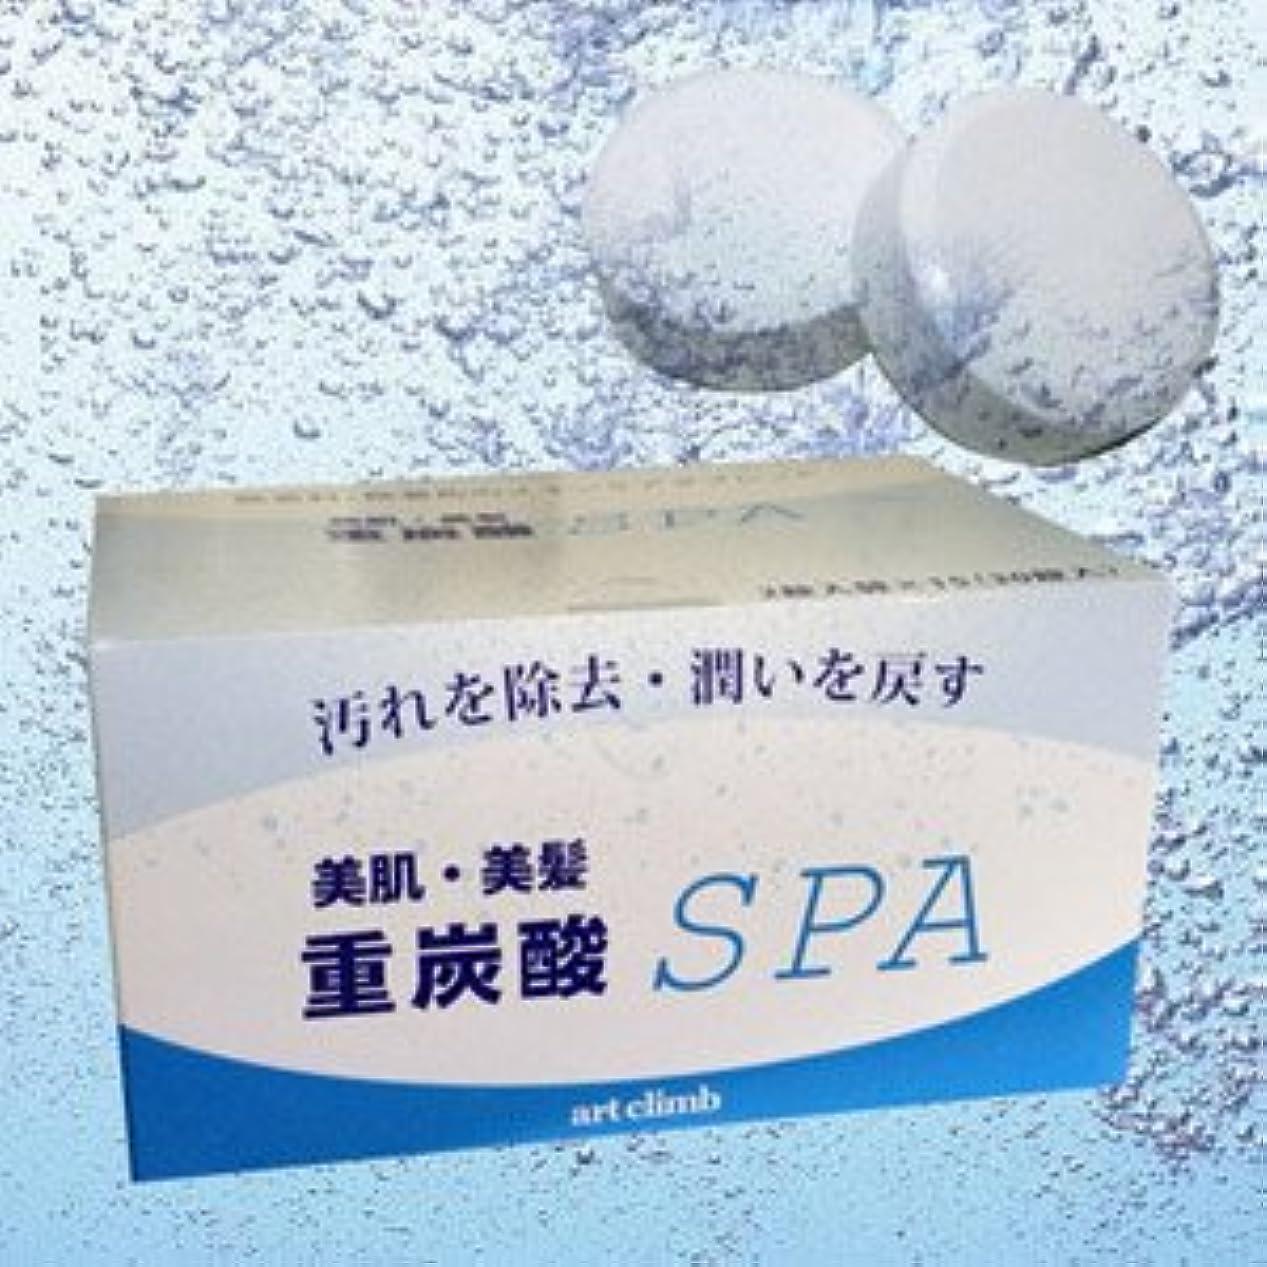 けがをするシビック炭酸泉タブレット 重炭酸SPA 16g x 36錠入り